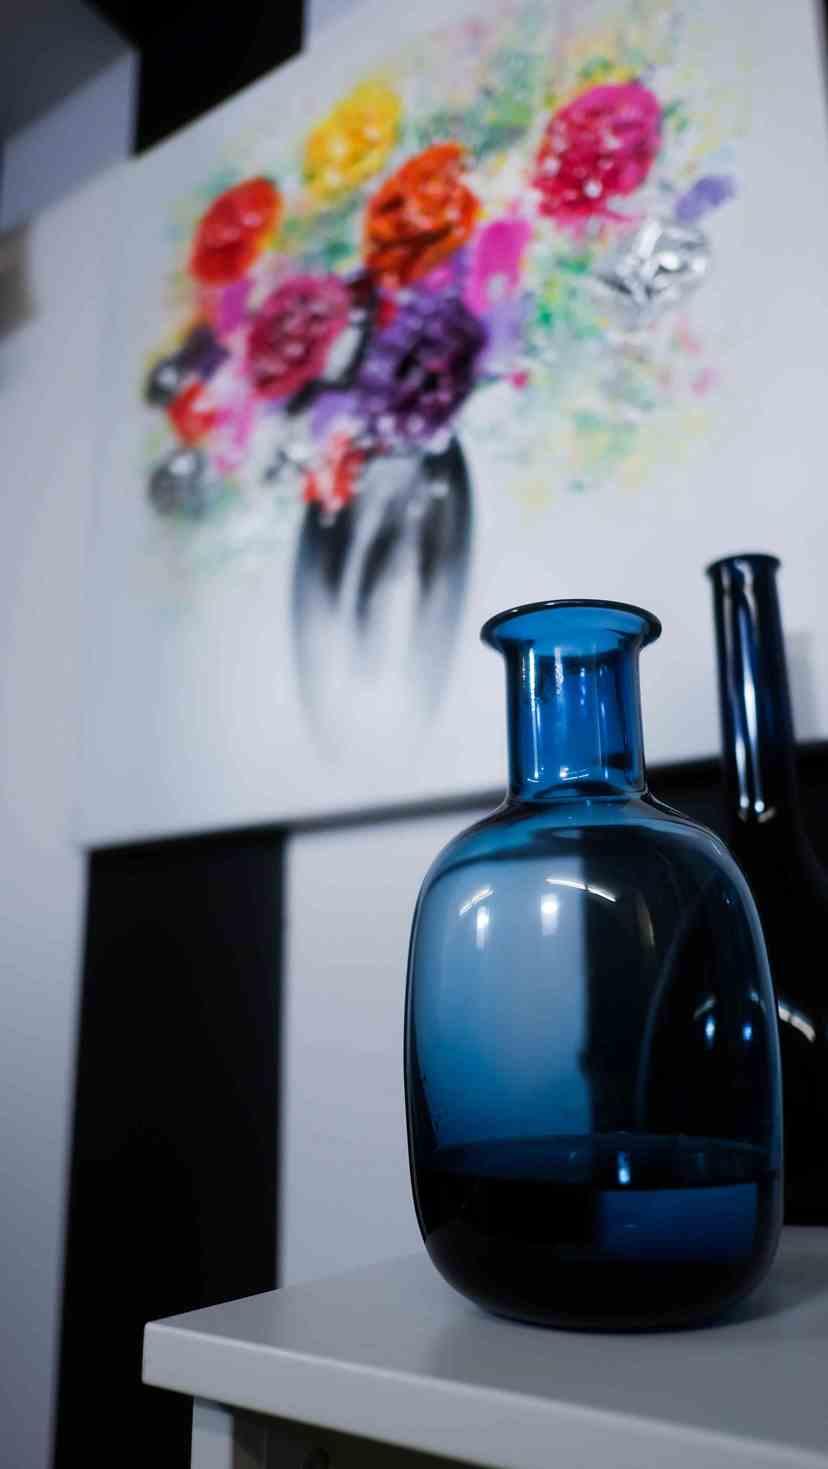 Decoruri de lux, numai la Dream Studio Bucuresti - cel mai serios studio de videochat - Glamour 25